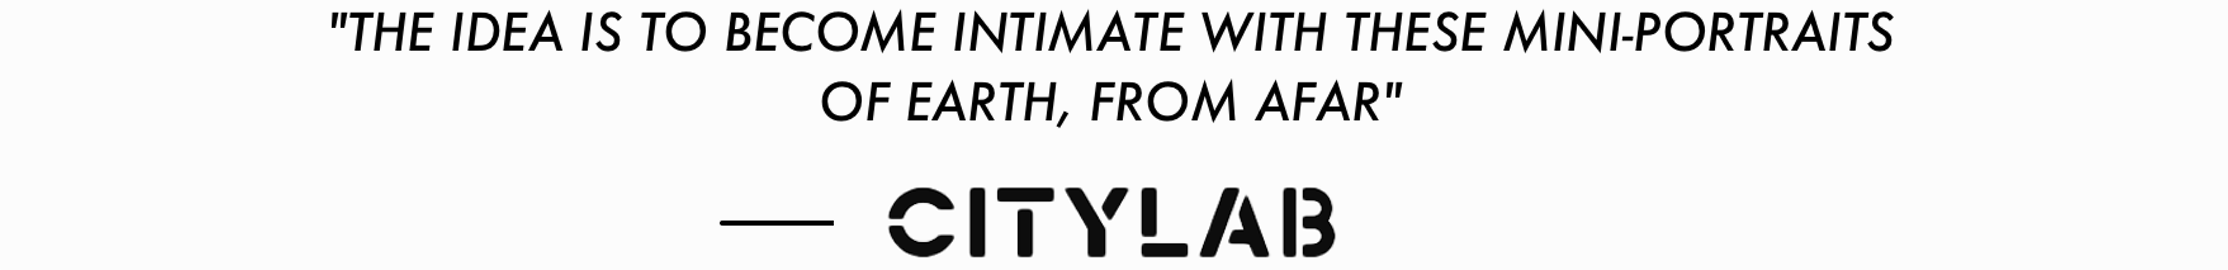 CITYLAB+2+big.png